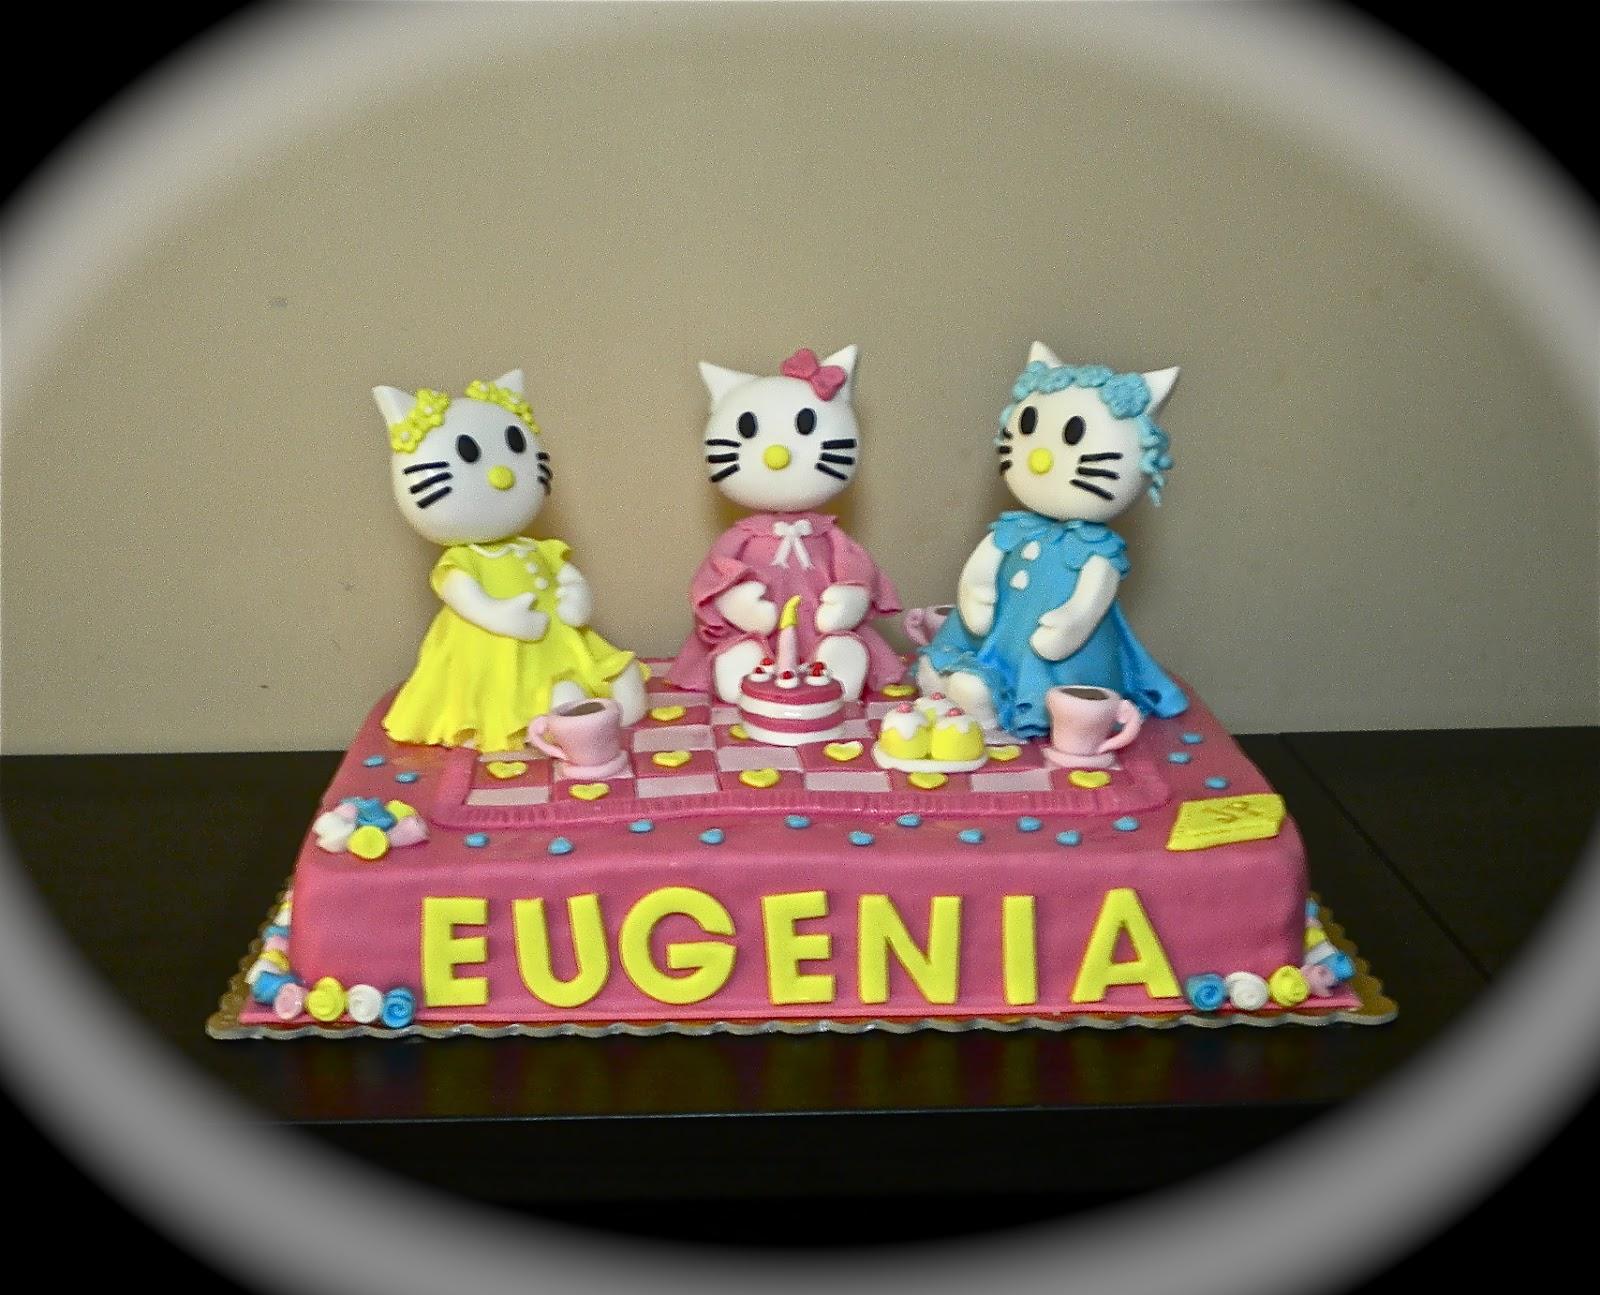 Eccezionale LE TORTE DI PATRICIA: Torta Hello Kitty per la piccola Eugenia VZ31